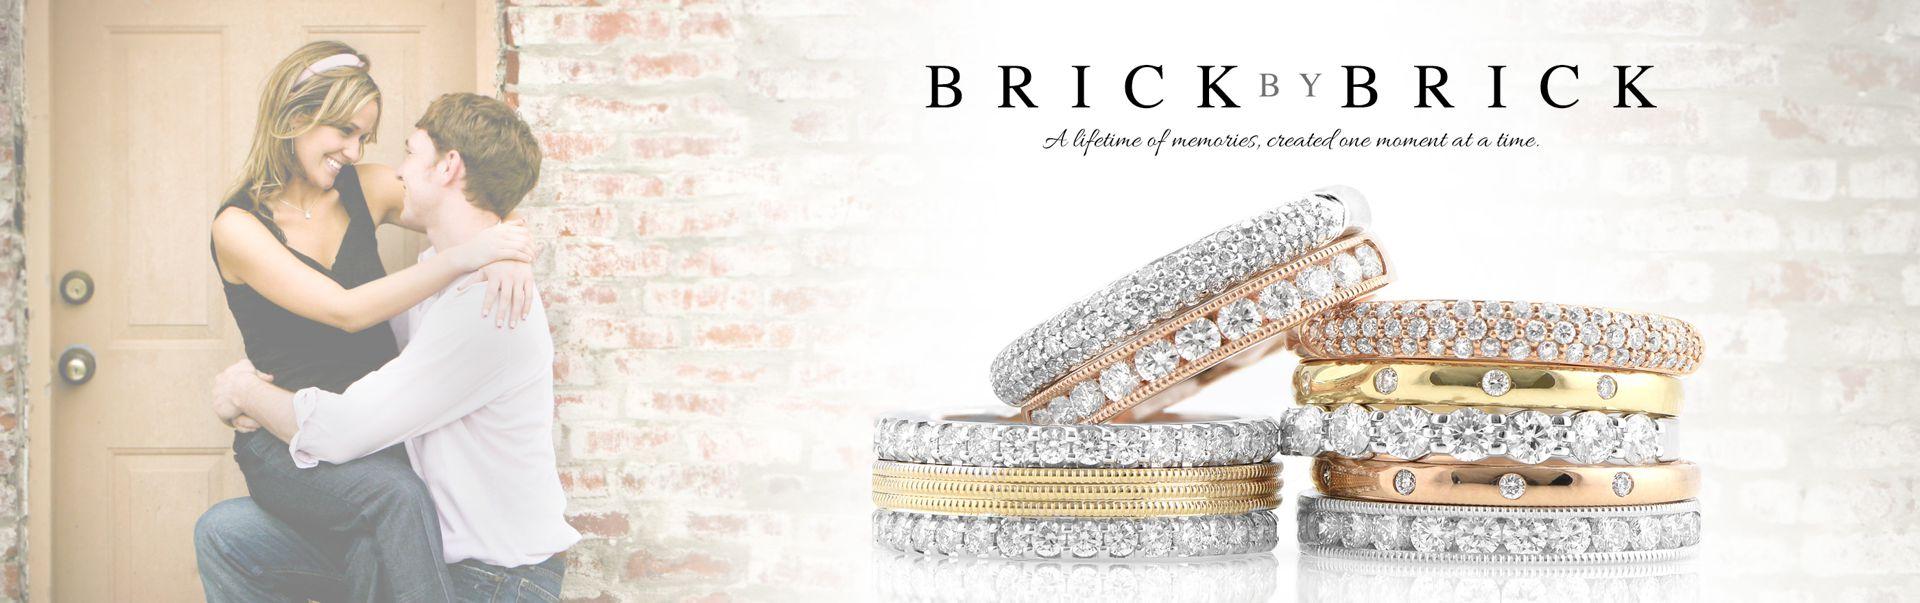 AK_Banner_Brick_By_Brick_yZppR0S.jpg